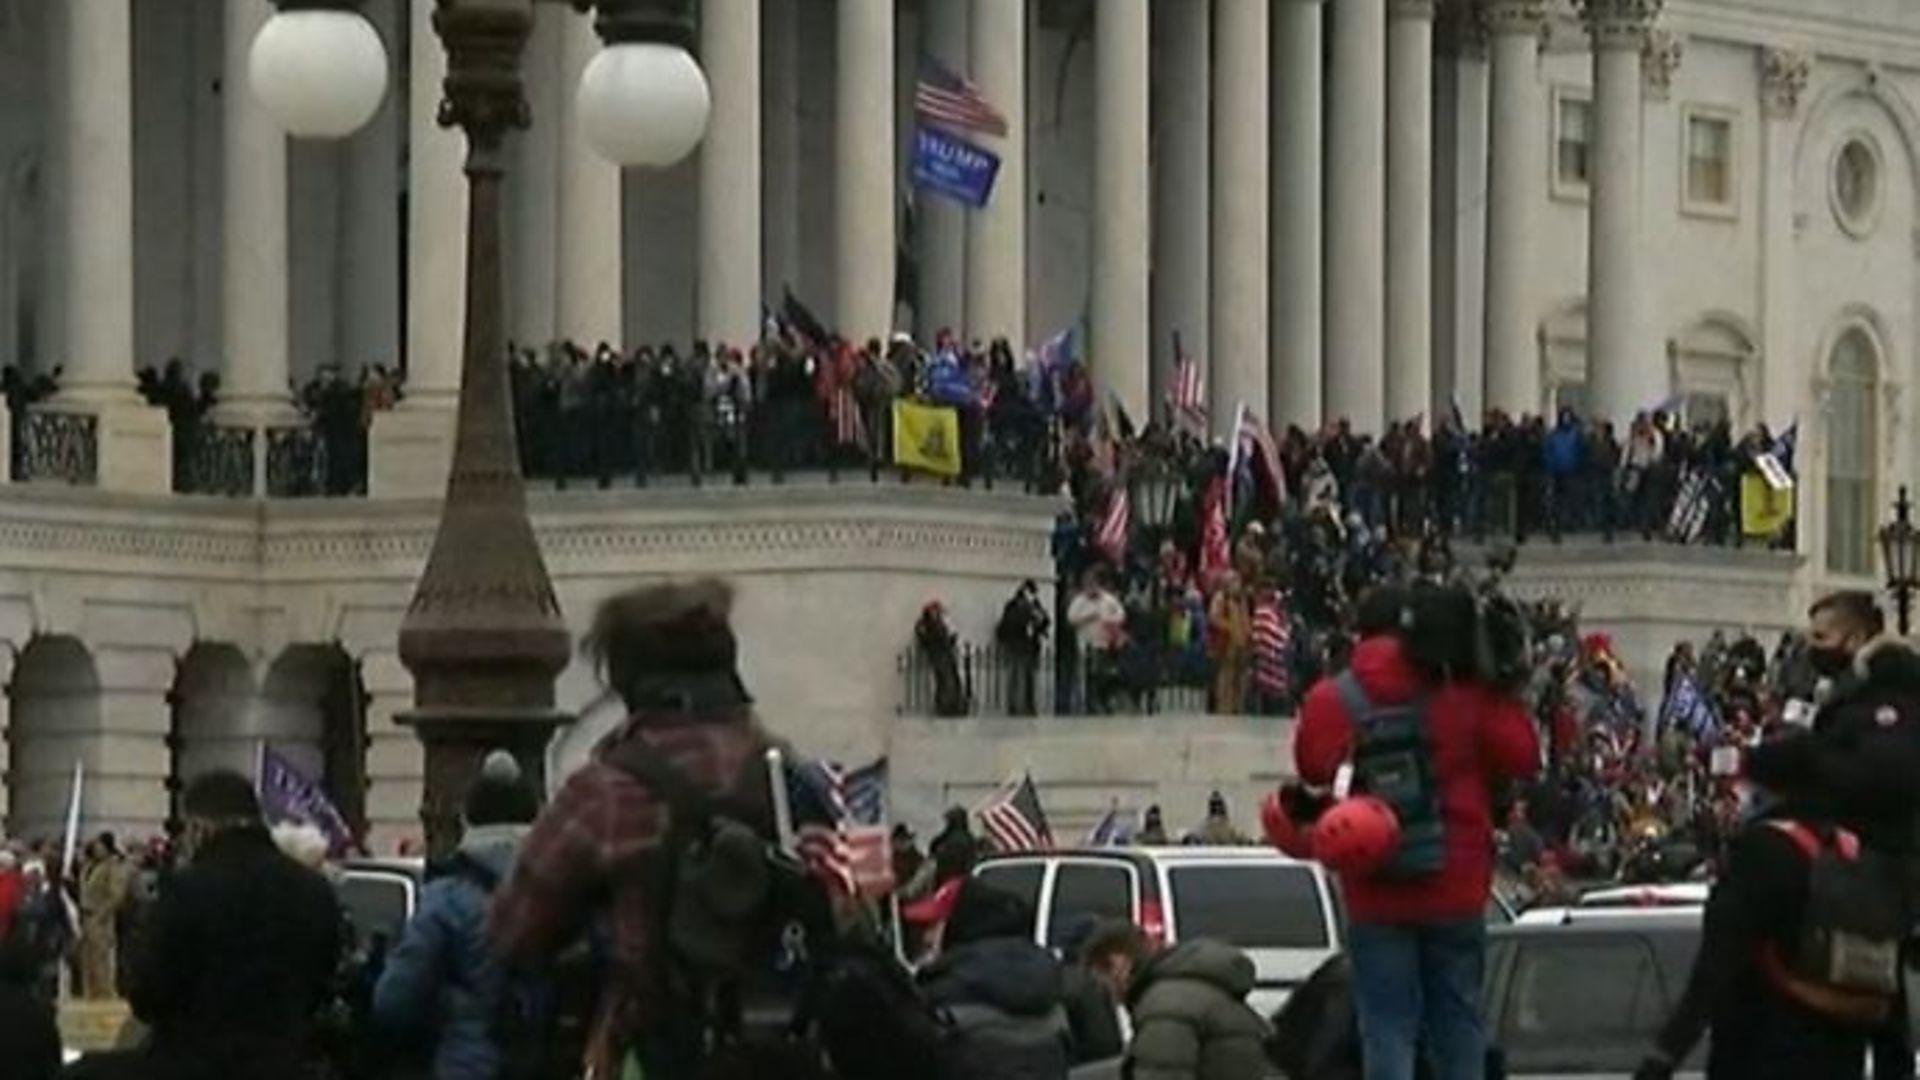 Trump protesters storming Capitol Hill - Credit: BBC